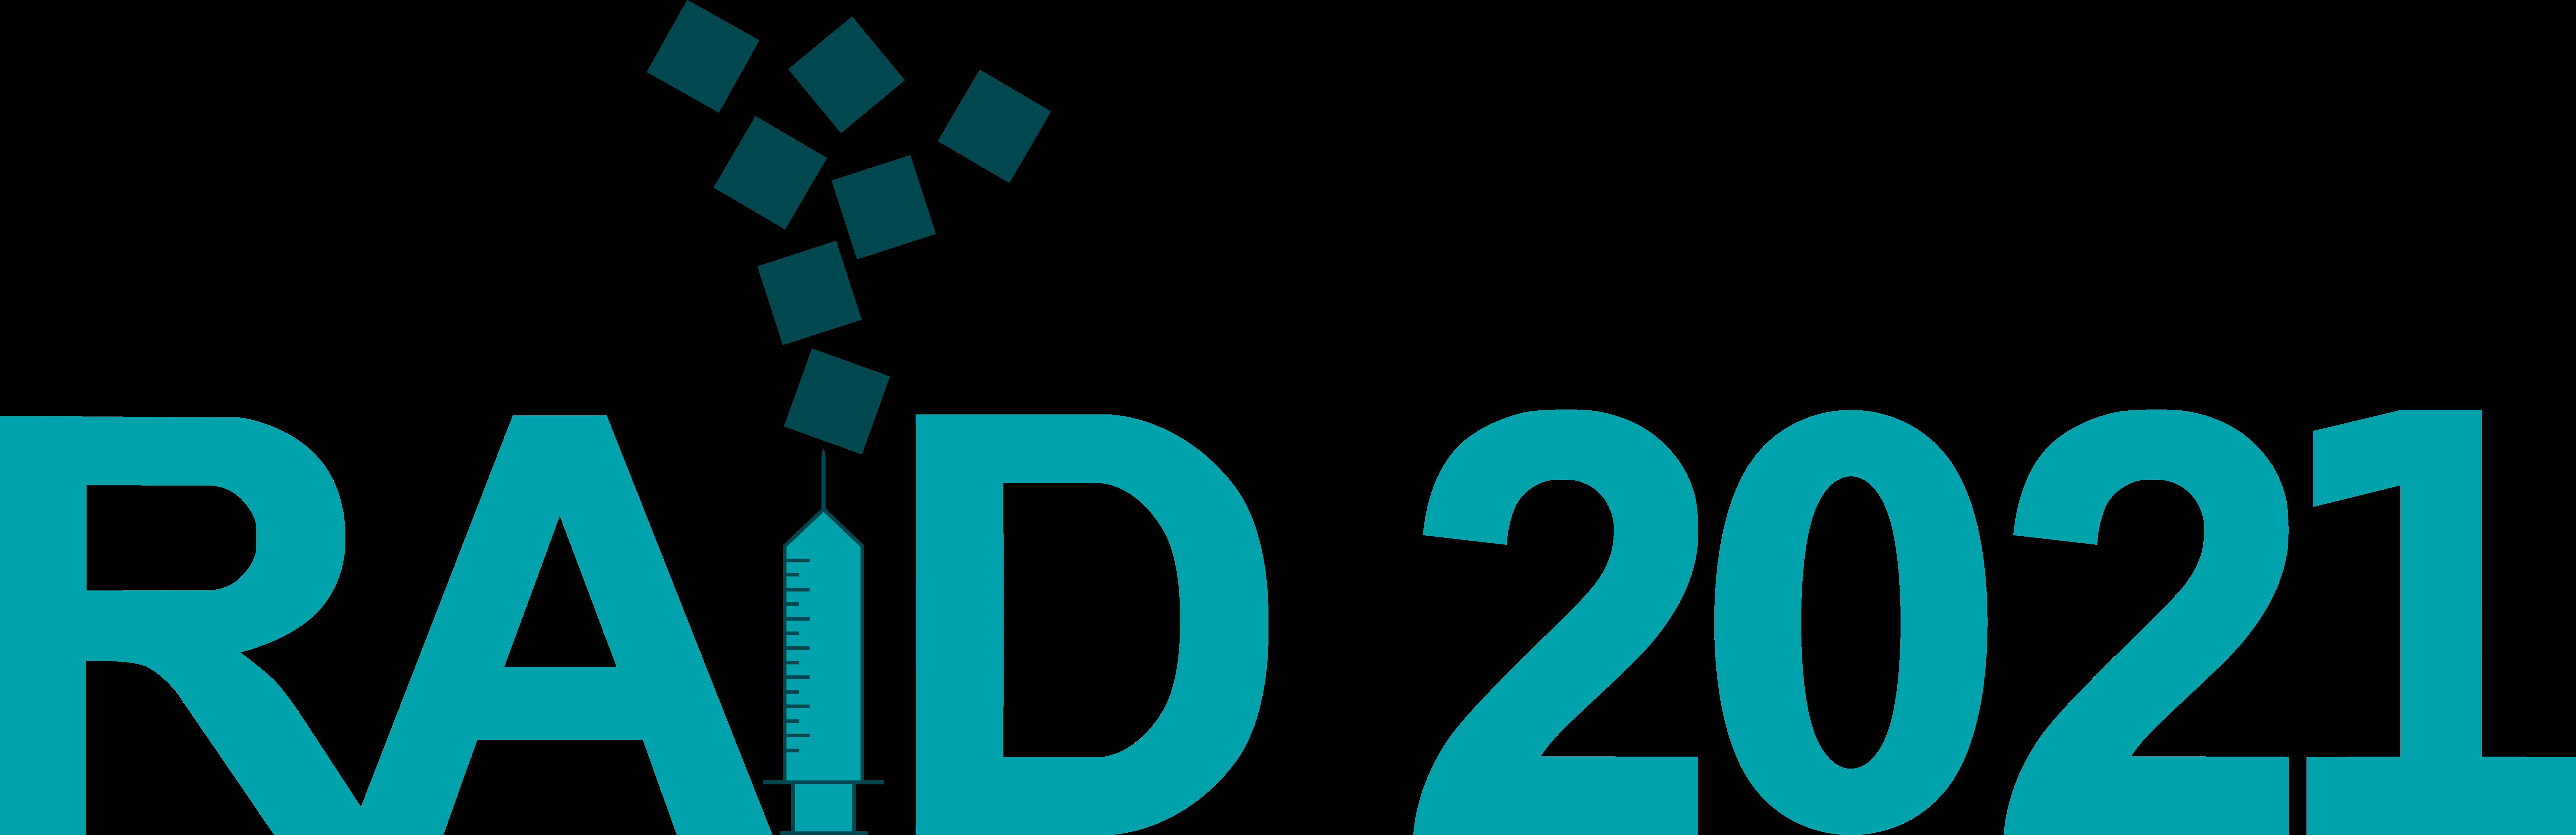 RAID 2021